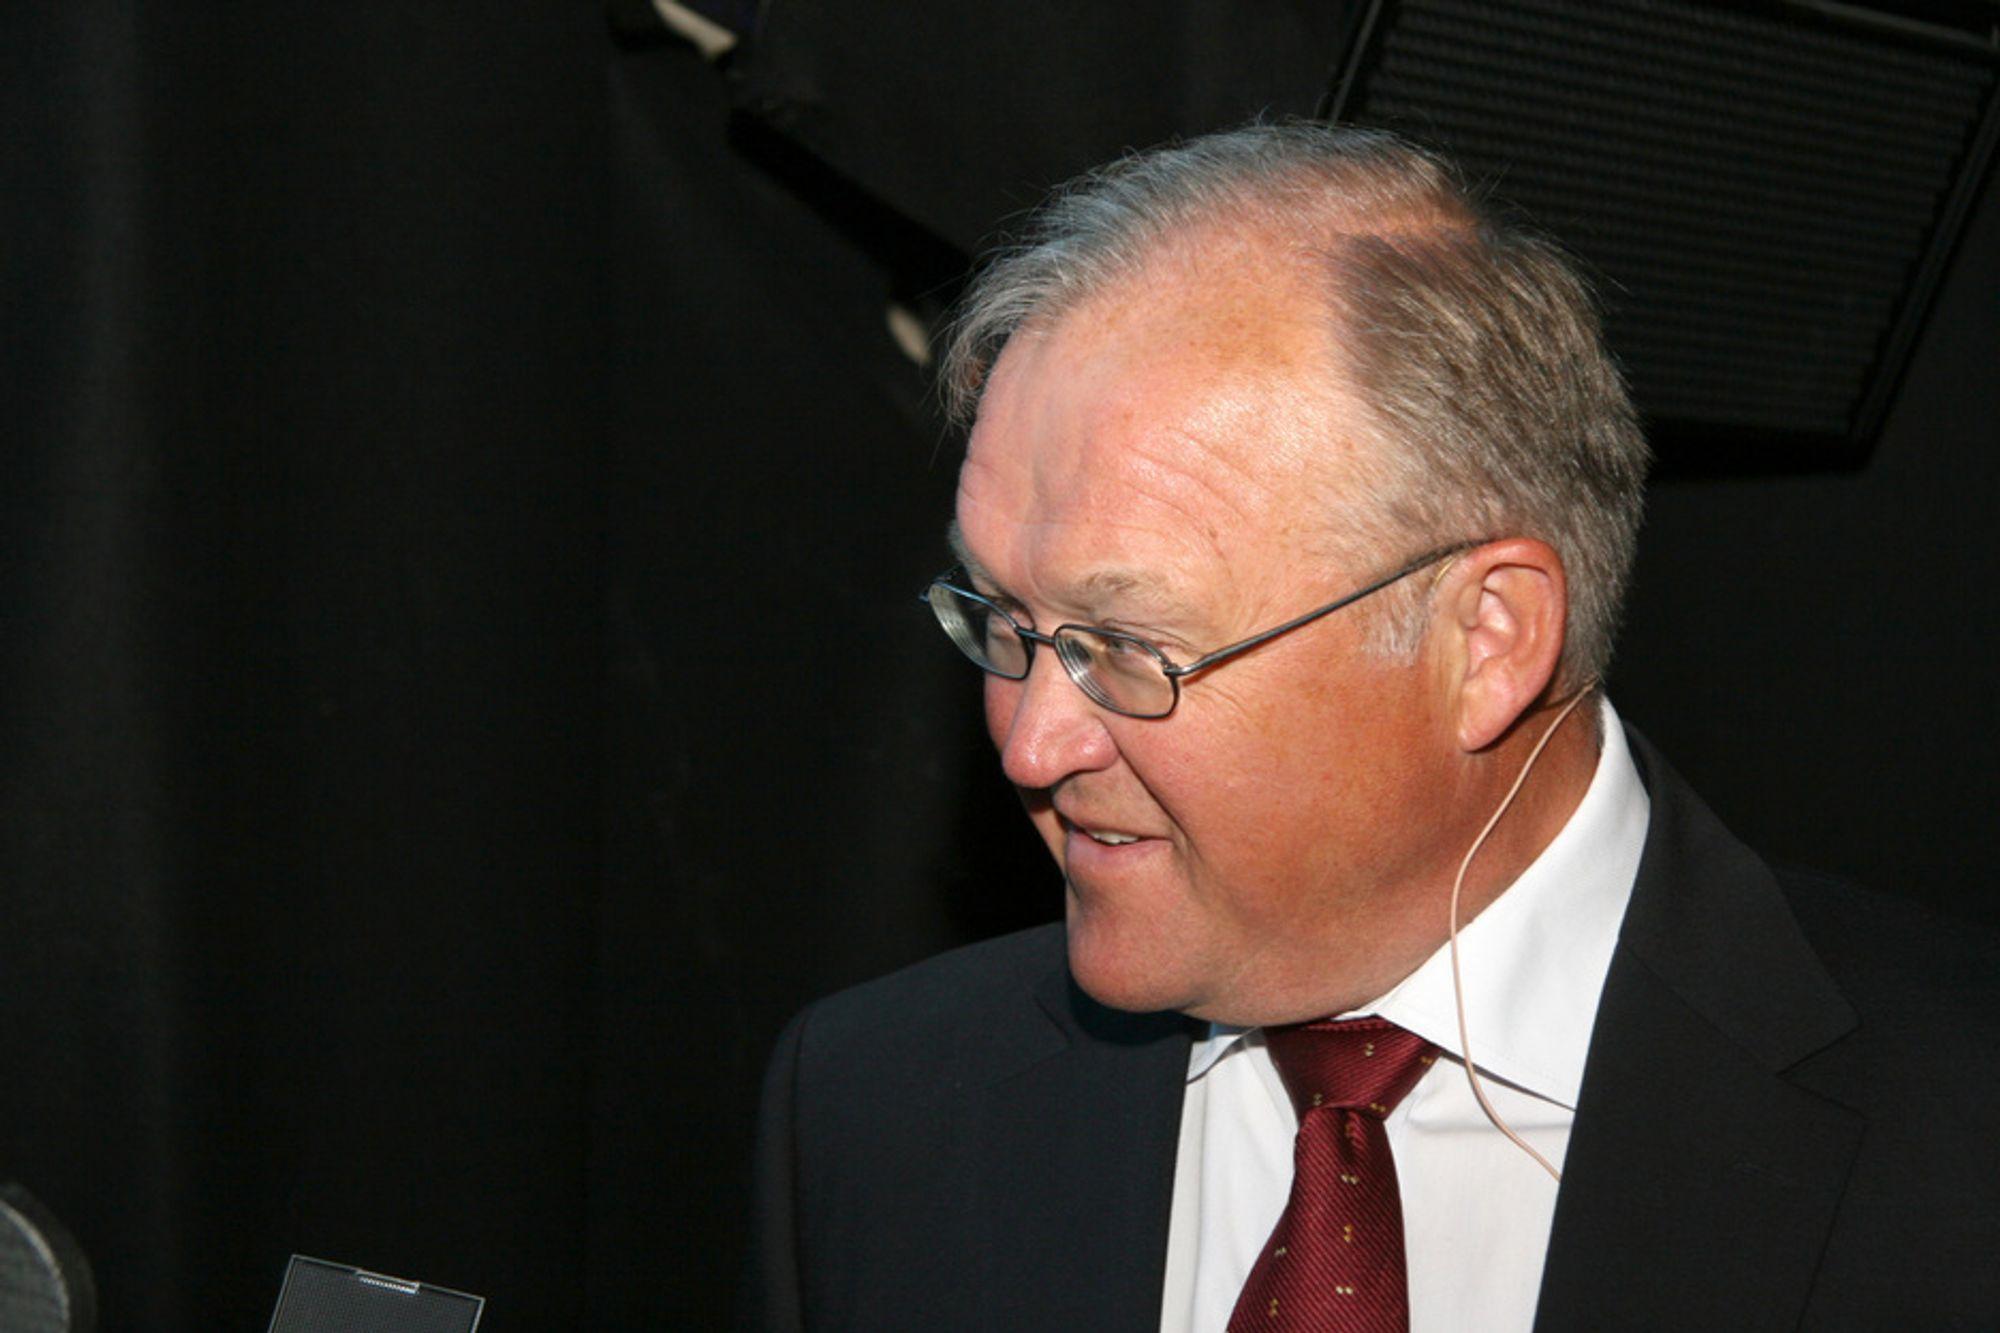 Göran Persson er en av hovedattraksjonene under Nordiske Varmepumpedager. Han kom med klare råd til regjeringen.